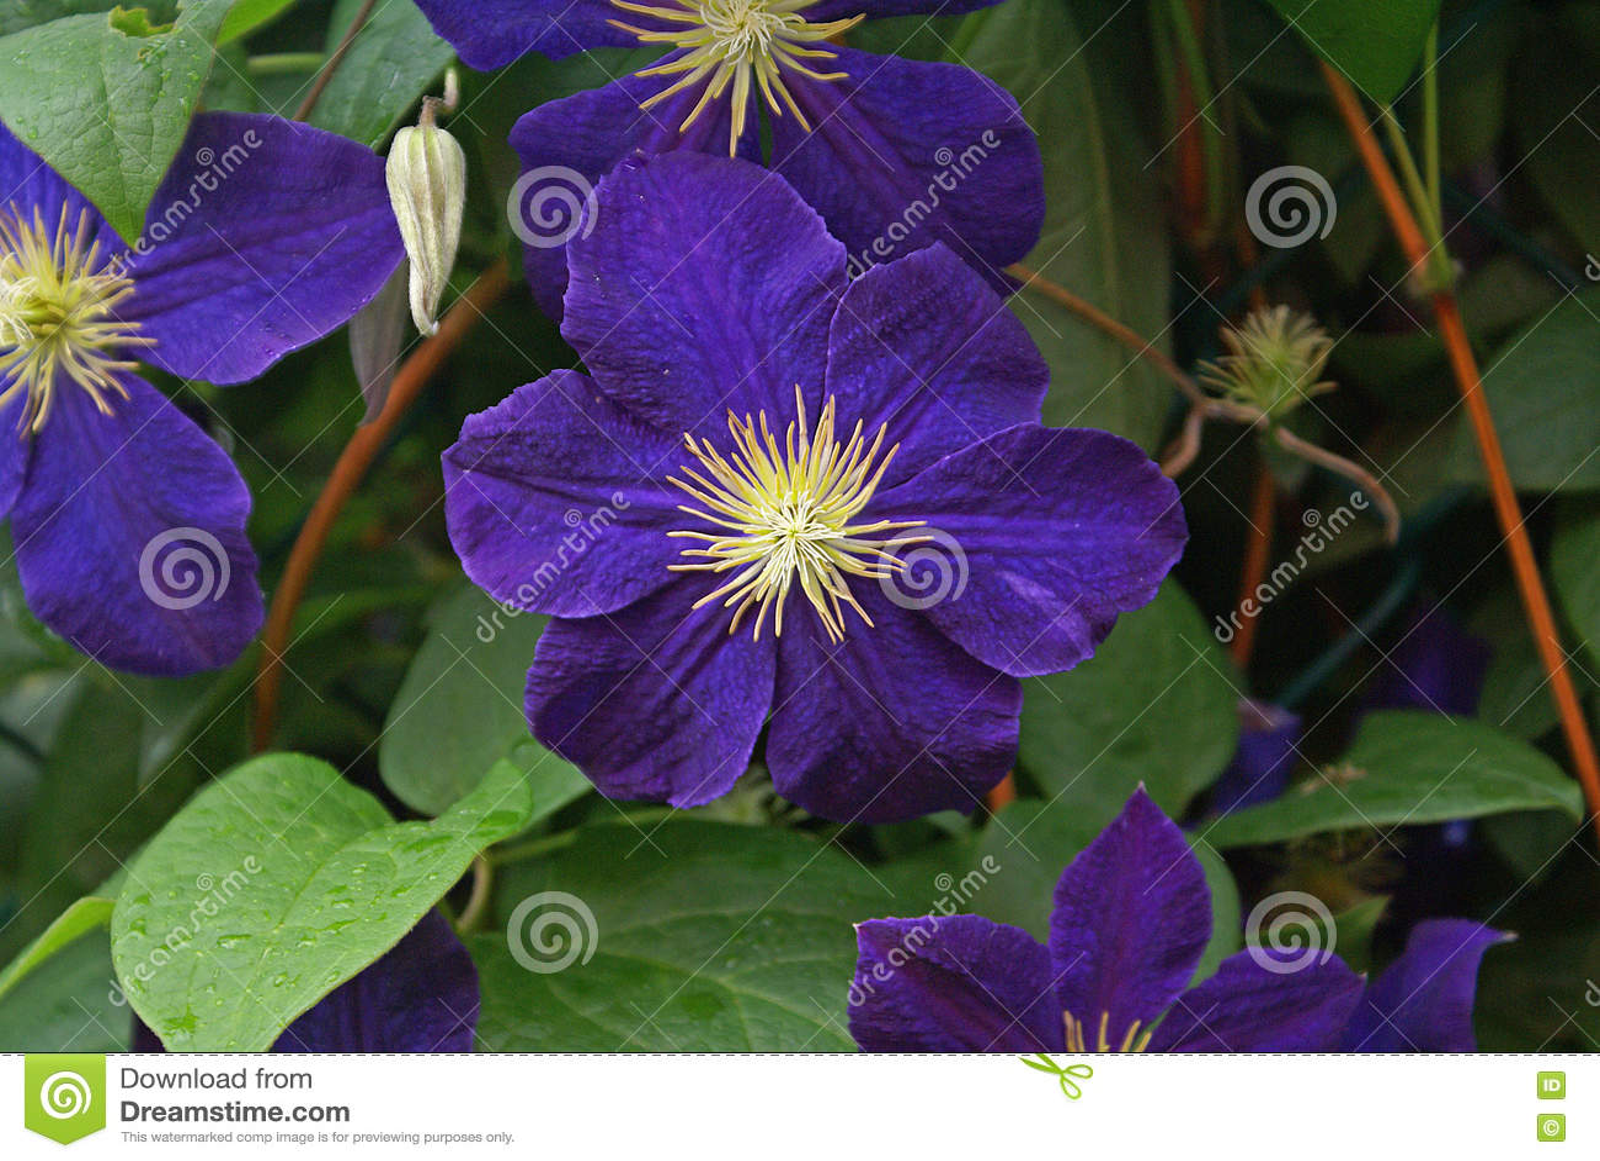 Purple clematis flowers on vine focus on yellow center stock image purple clematis flowers on vine focus on yellow center mightylinksfo